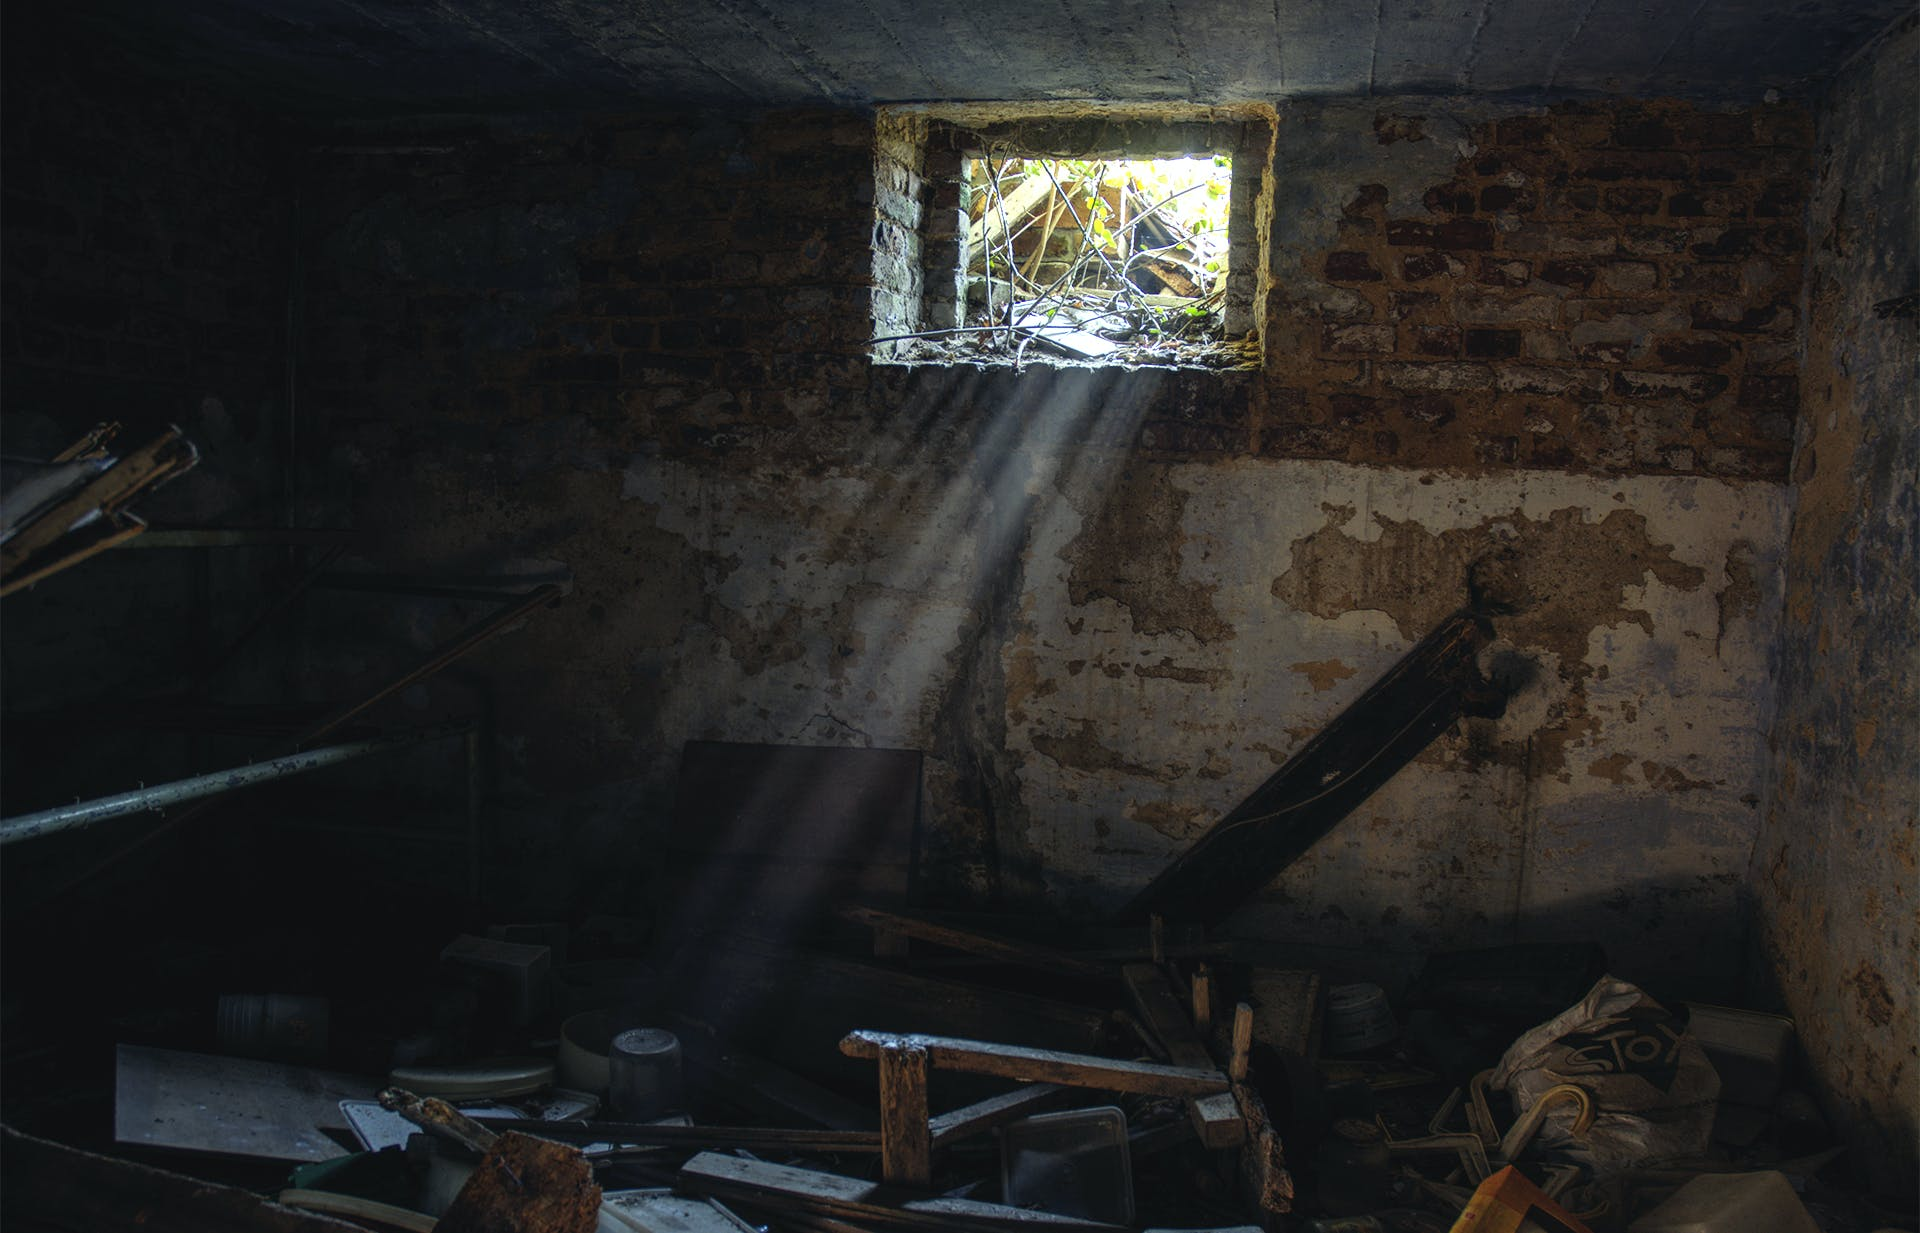 Δωρεάν στοκ φωτογραφιών με urbex, εγκαταλειμμένος, ελαφρύς